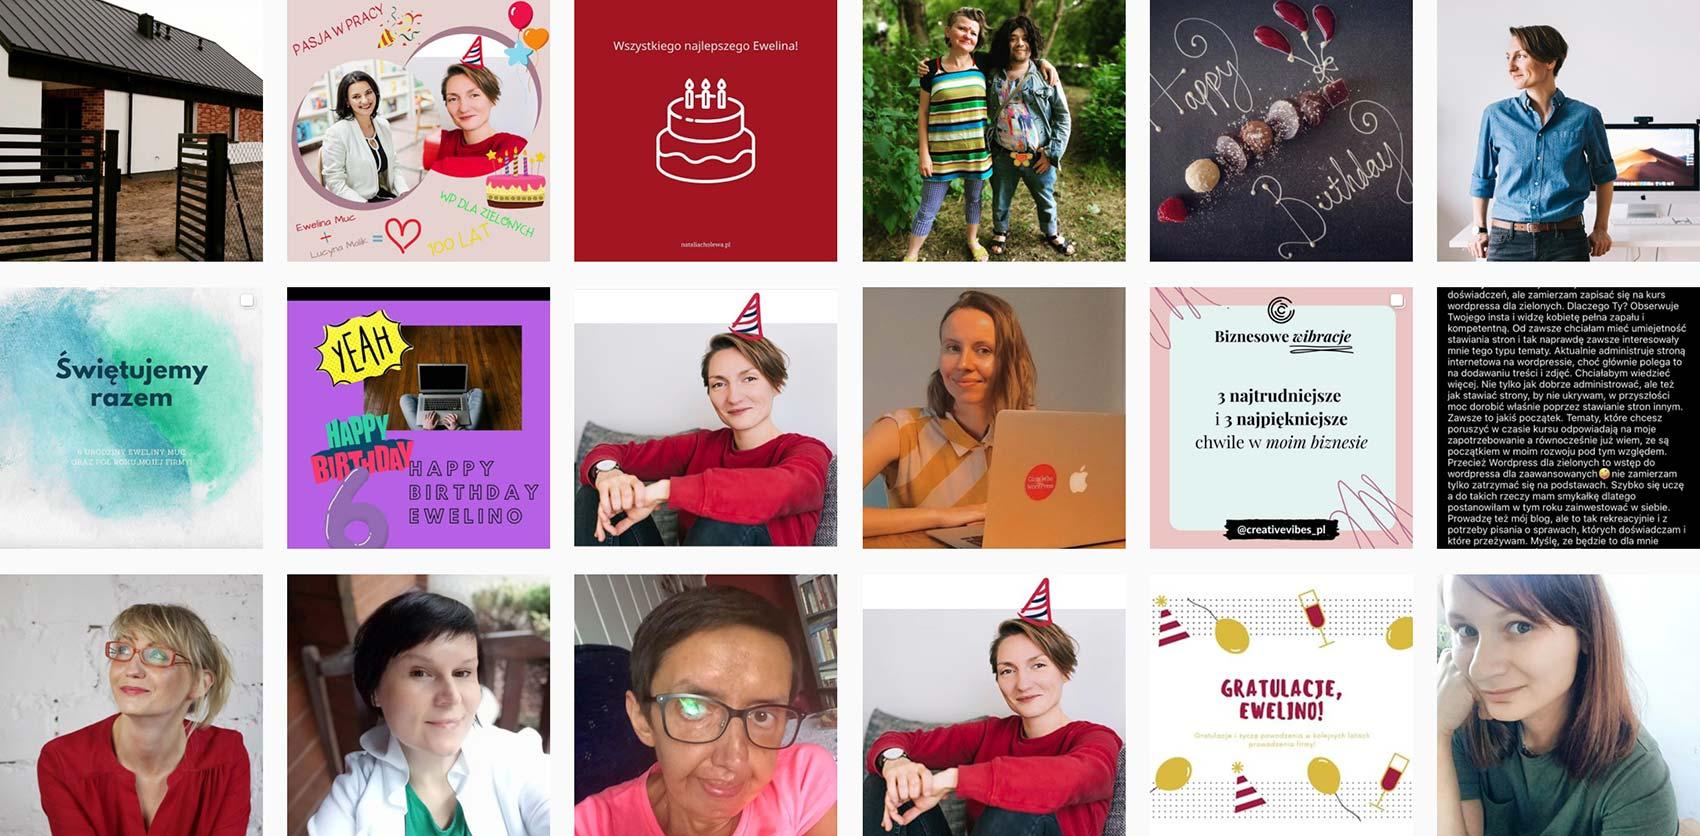 Ewelina Muc - 6. urodziny firmy - posty w akcji